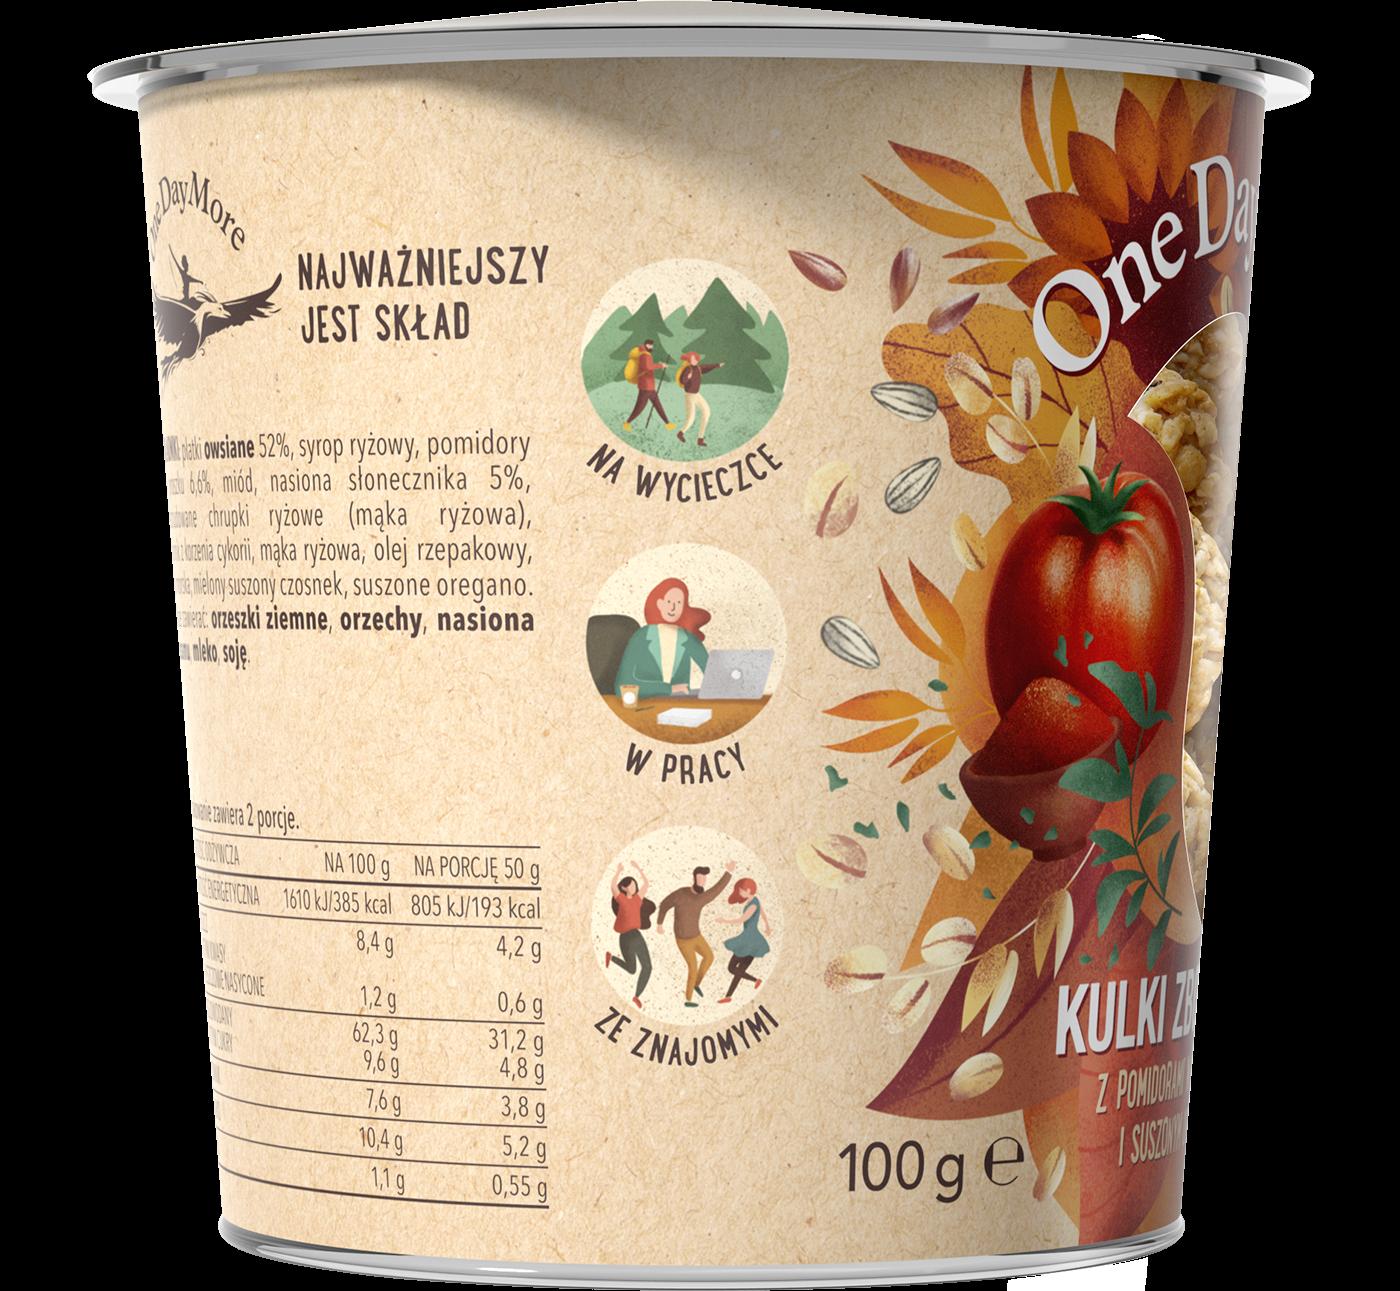 PL_KULKI_Pomidor_Oregano_BOK_1400x1291 (1)